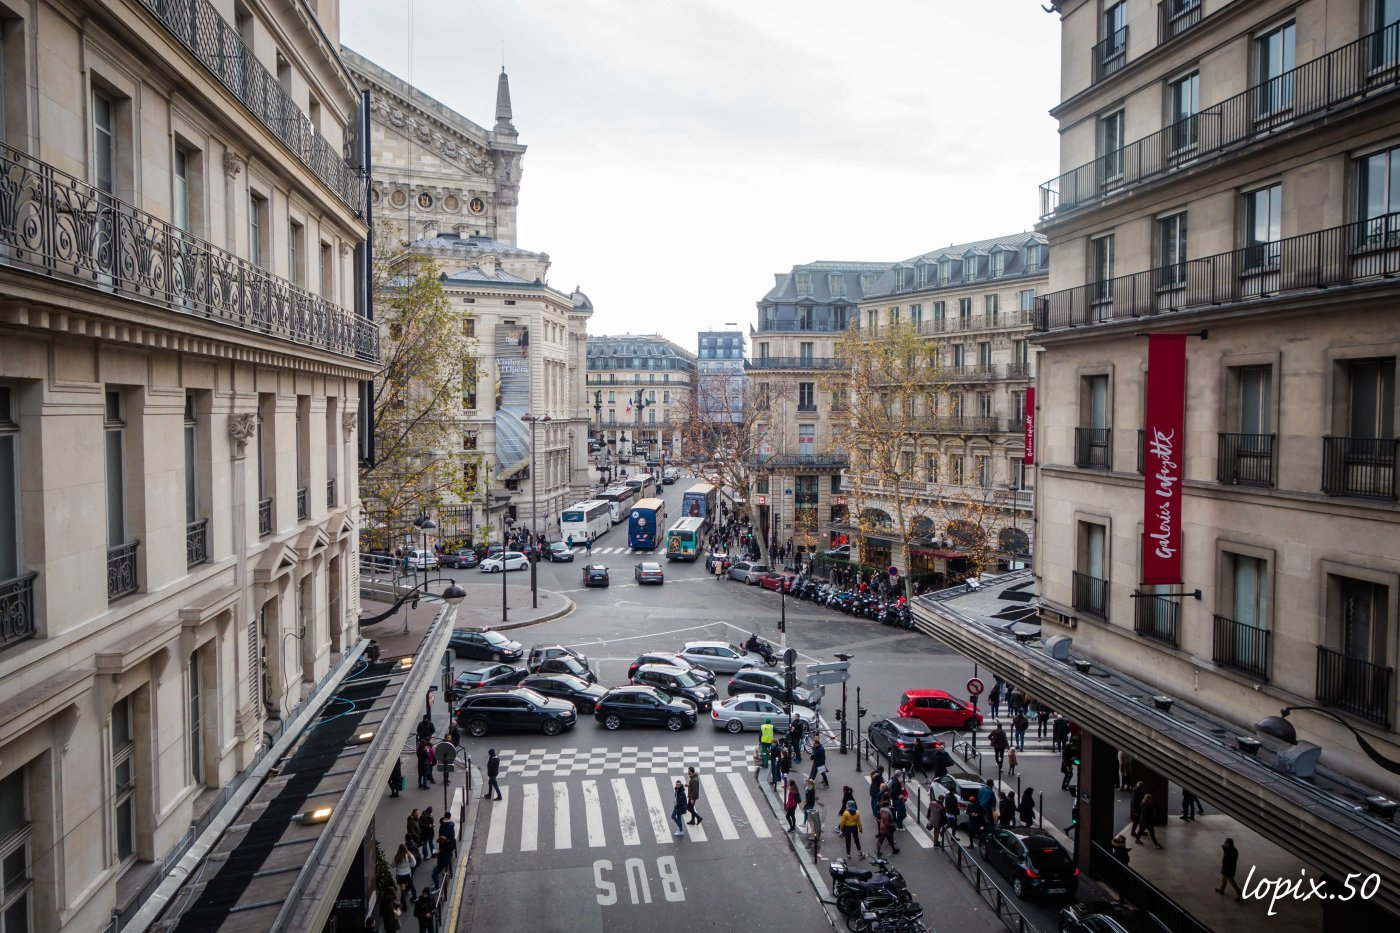 la-féérie-de-noel-aux-galeries-lafayette-absolutelyfemme.com